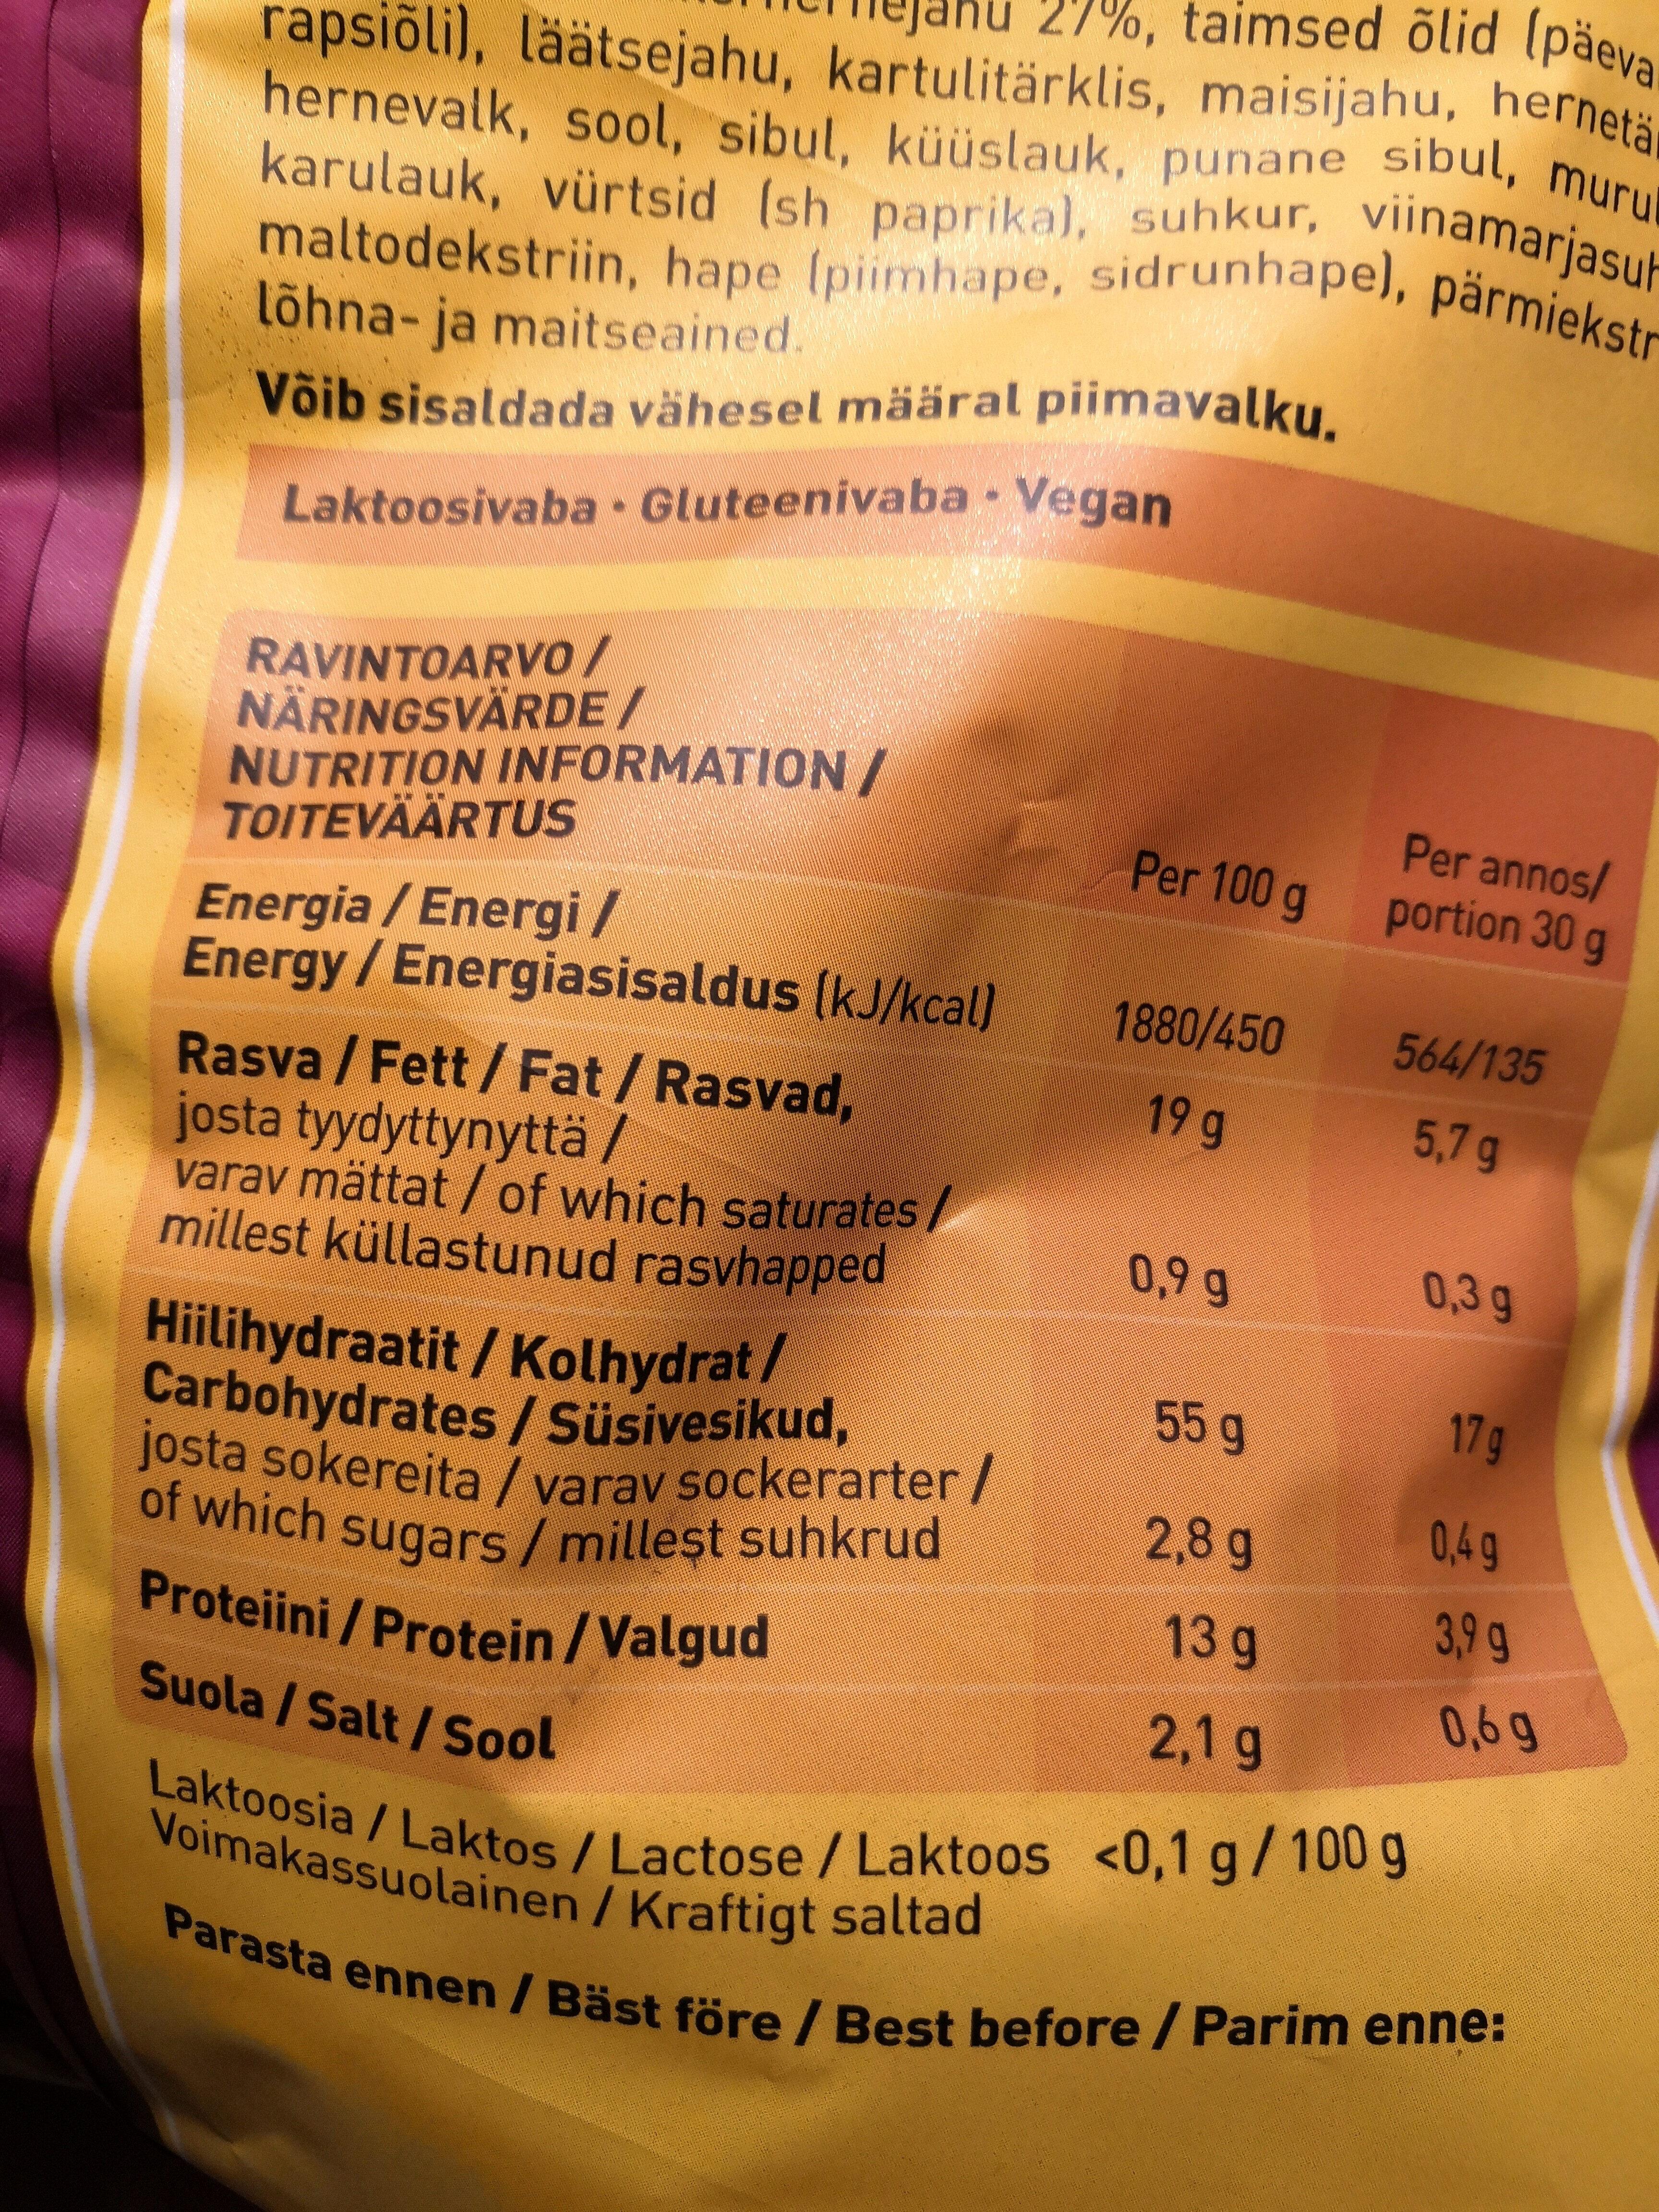 Kikx - Nutrition facts